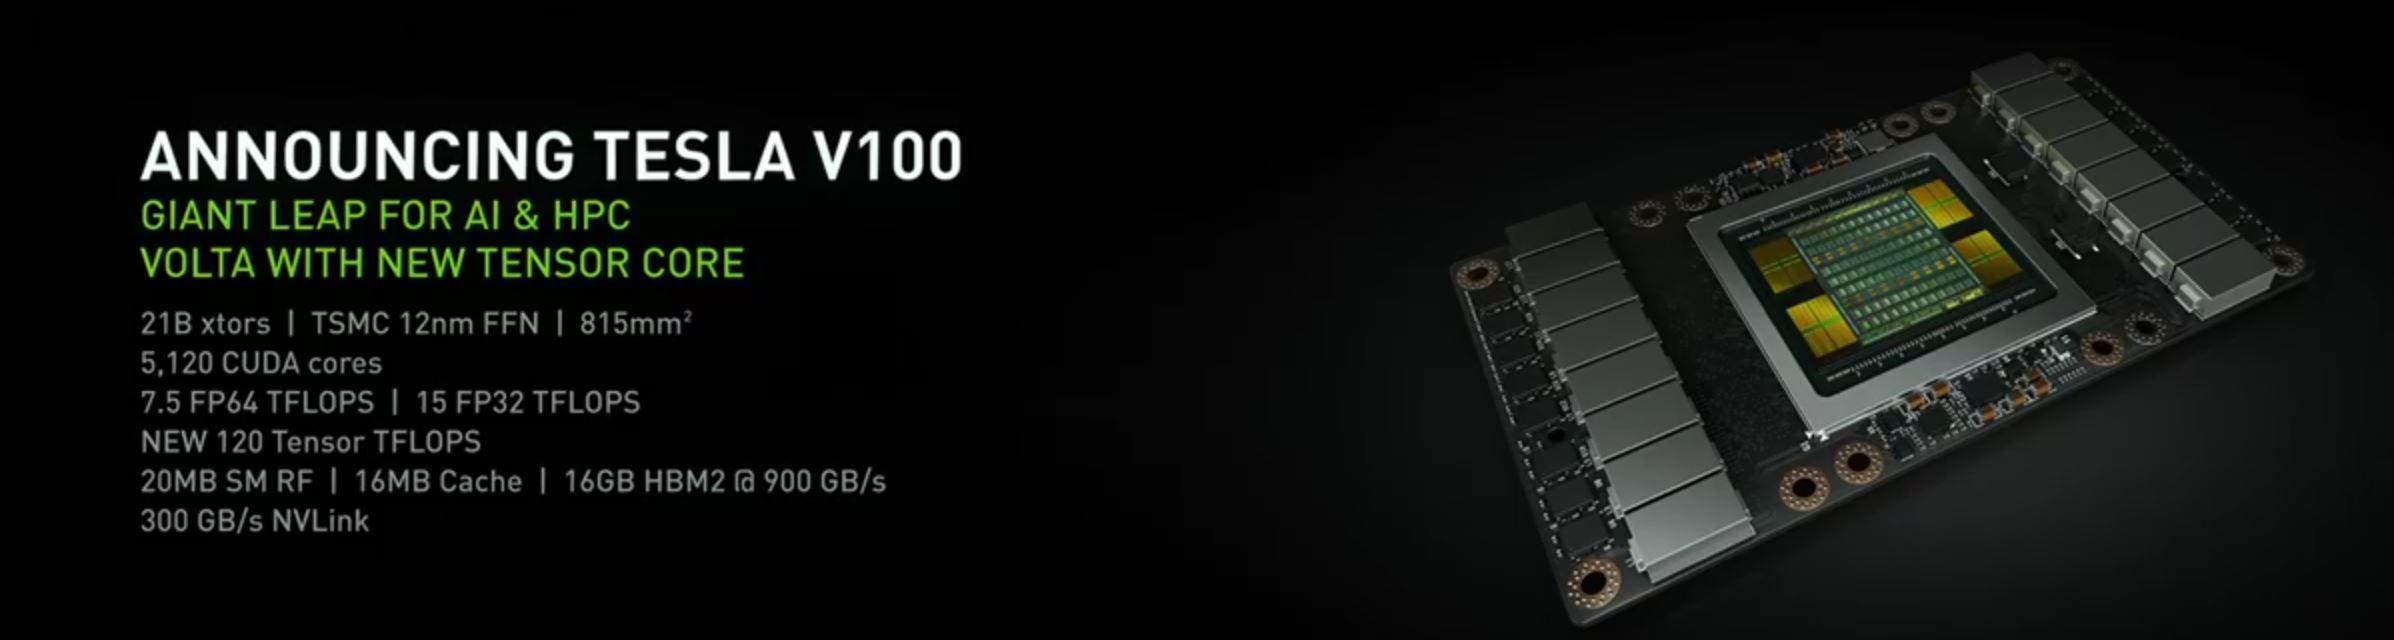 Noen av hovednyhetene i Volta-baserte Tesla V100.